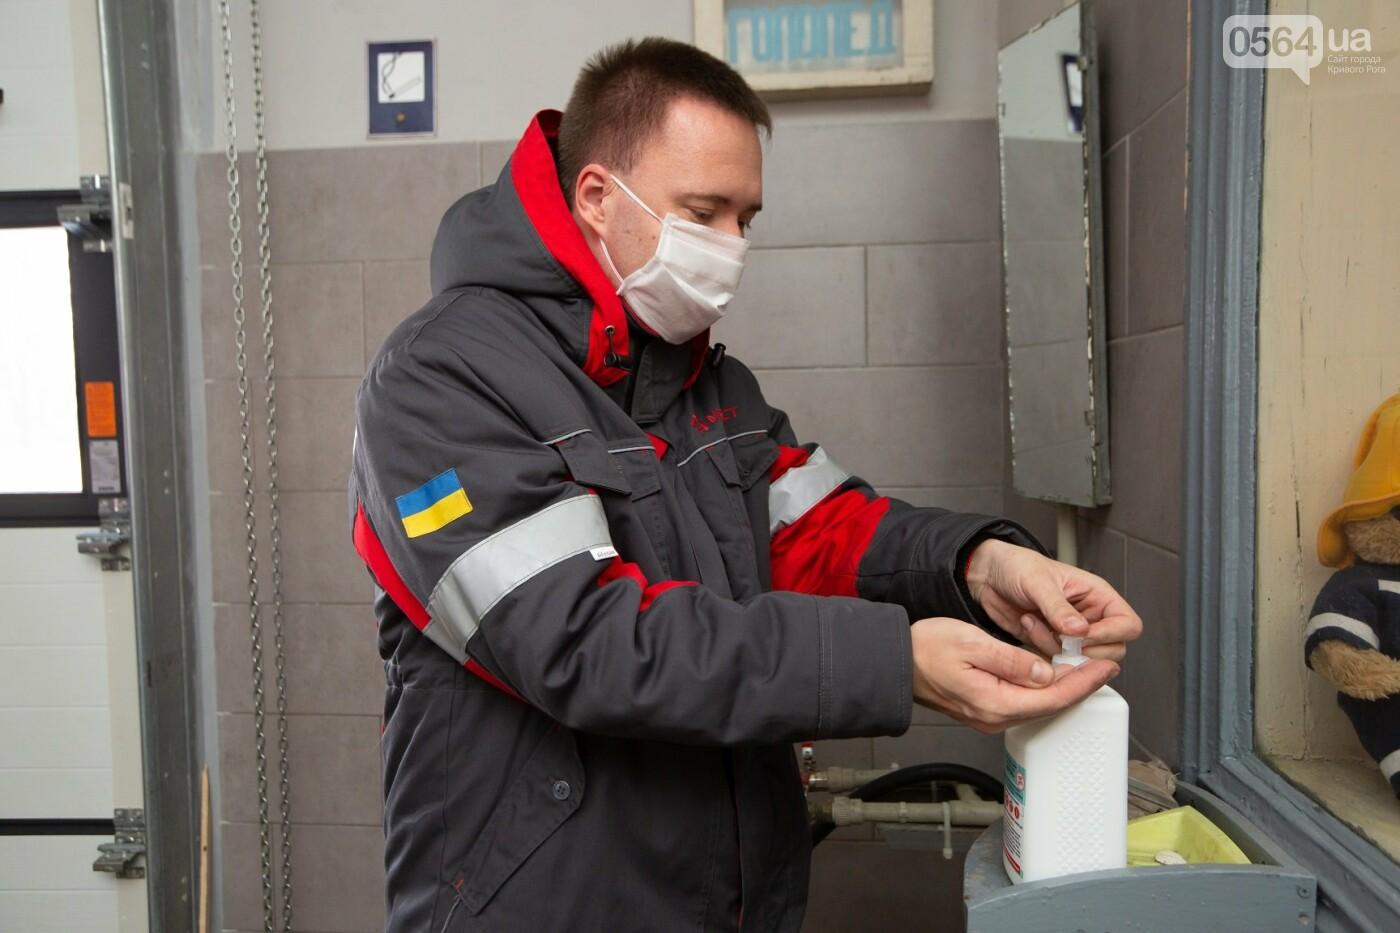 Криворожские предприятия Метинвеста организовали обеспечение сотрудников средствами индивидуальной защиты,  - ФОТО, фото-2